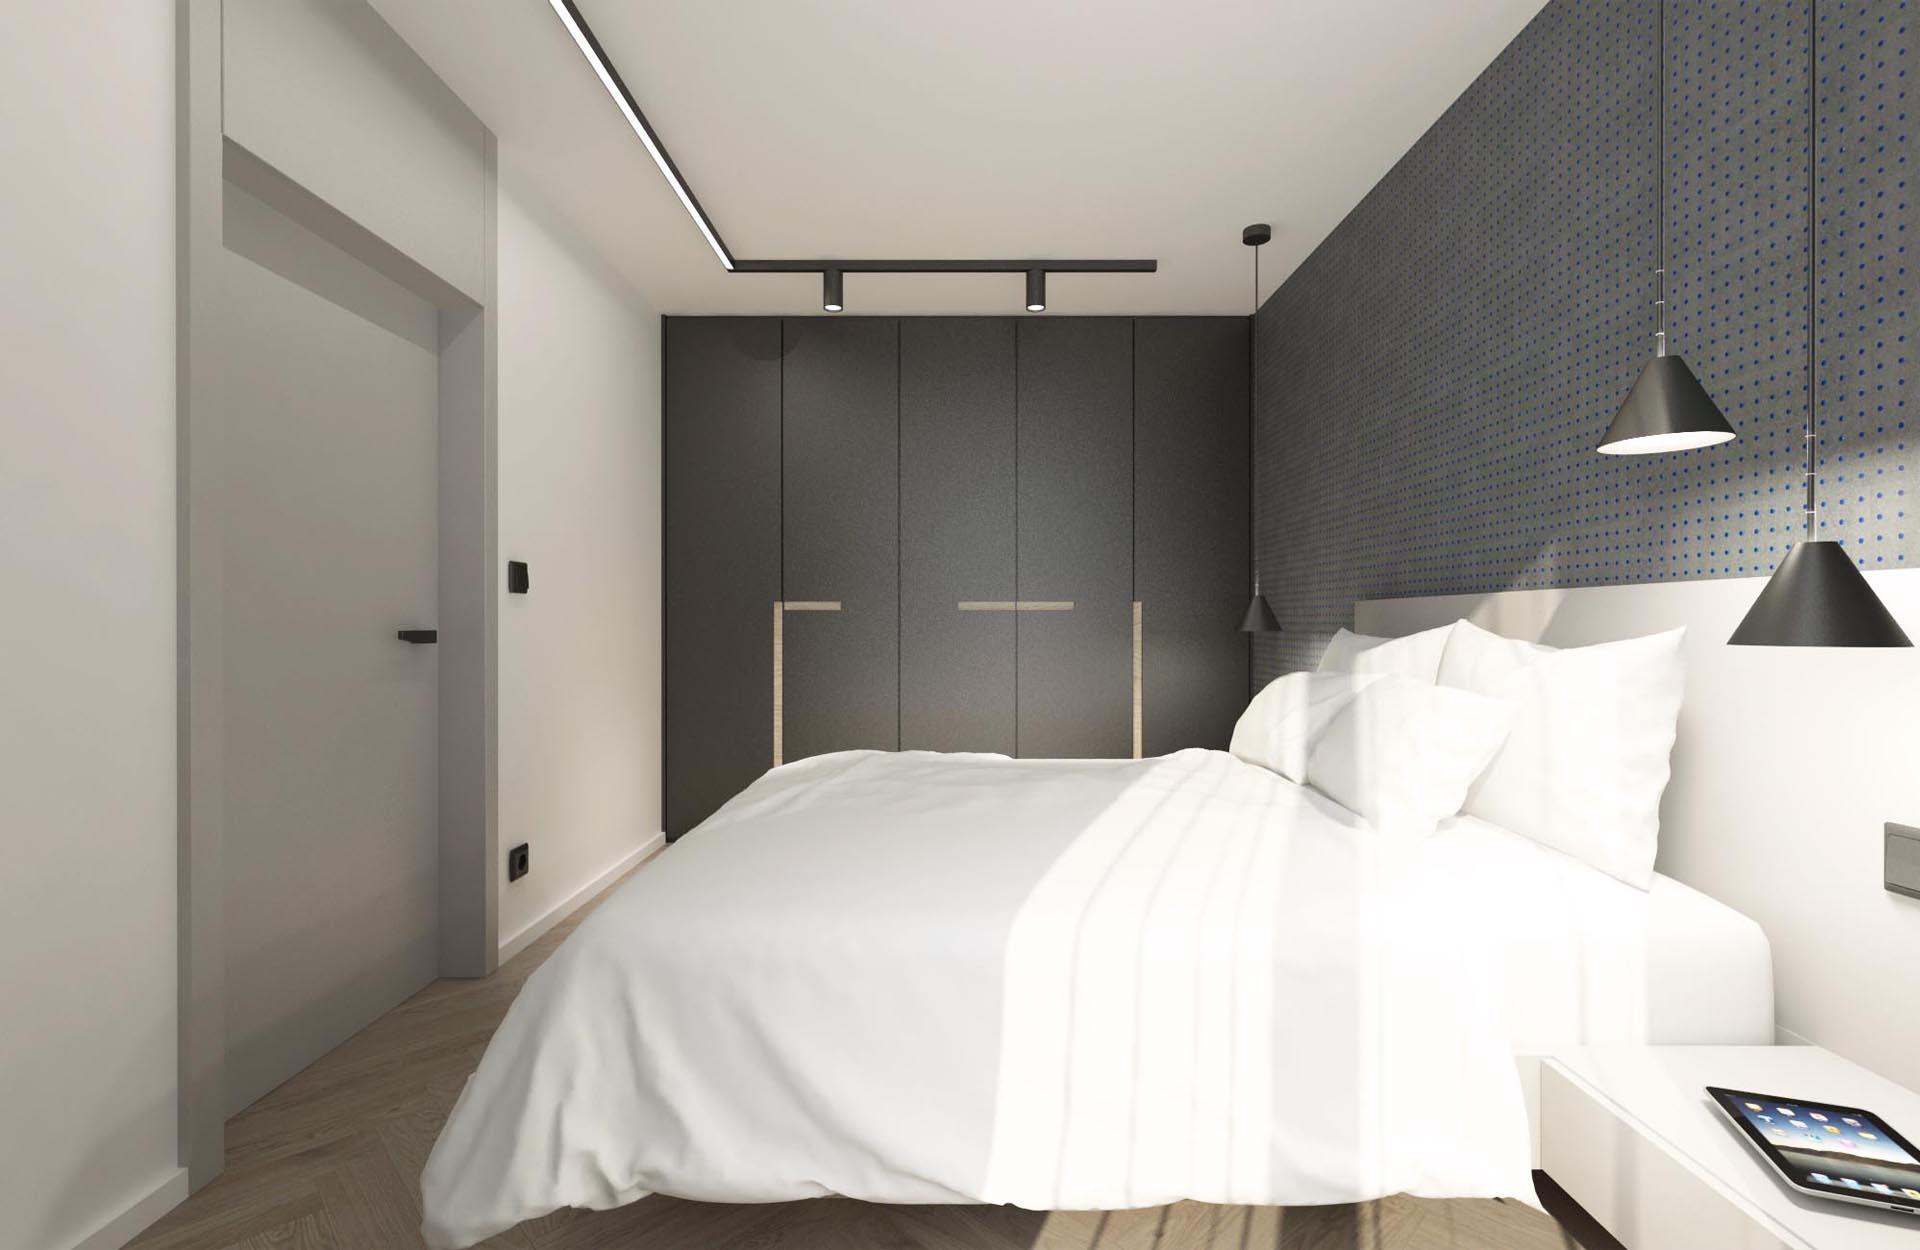 rekonstrukcia bytu, rekonstrukcia bytu bratislava, navrh spalne, navrh interieru spalne, interier spalne, navrh interieru, bedroom design, interierovy dizajn, interierovy dizajner, veronika paluchova, grey interior, black interior, lecorbusier,